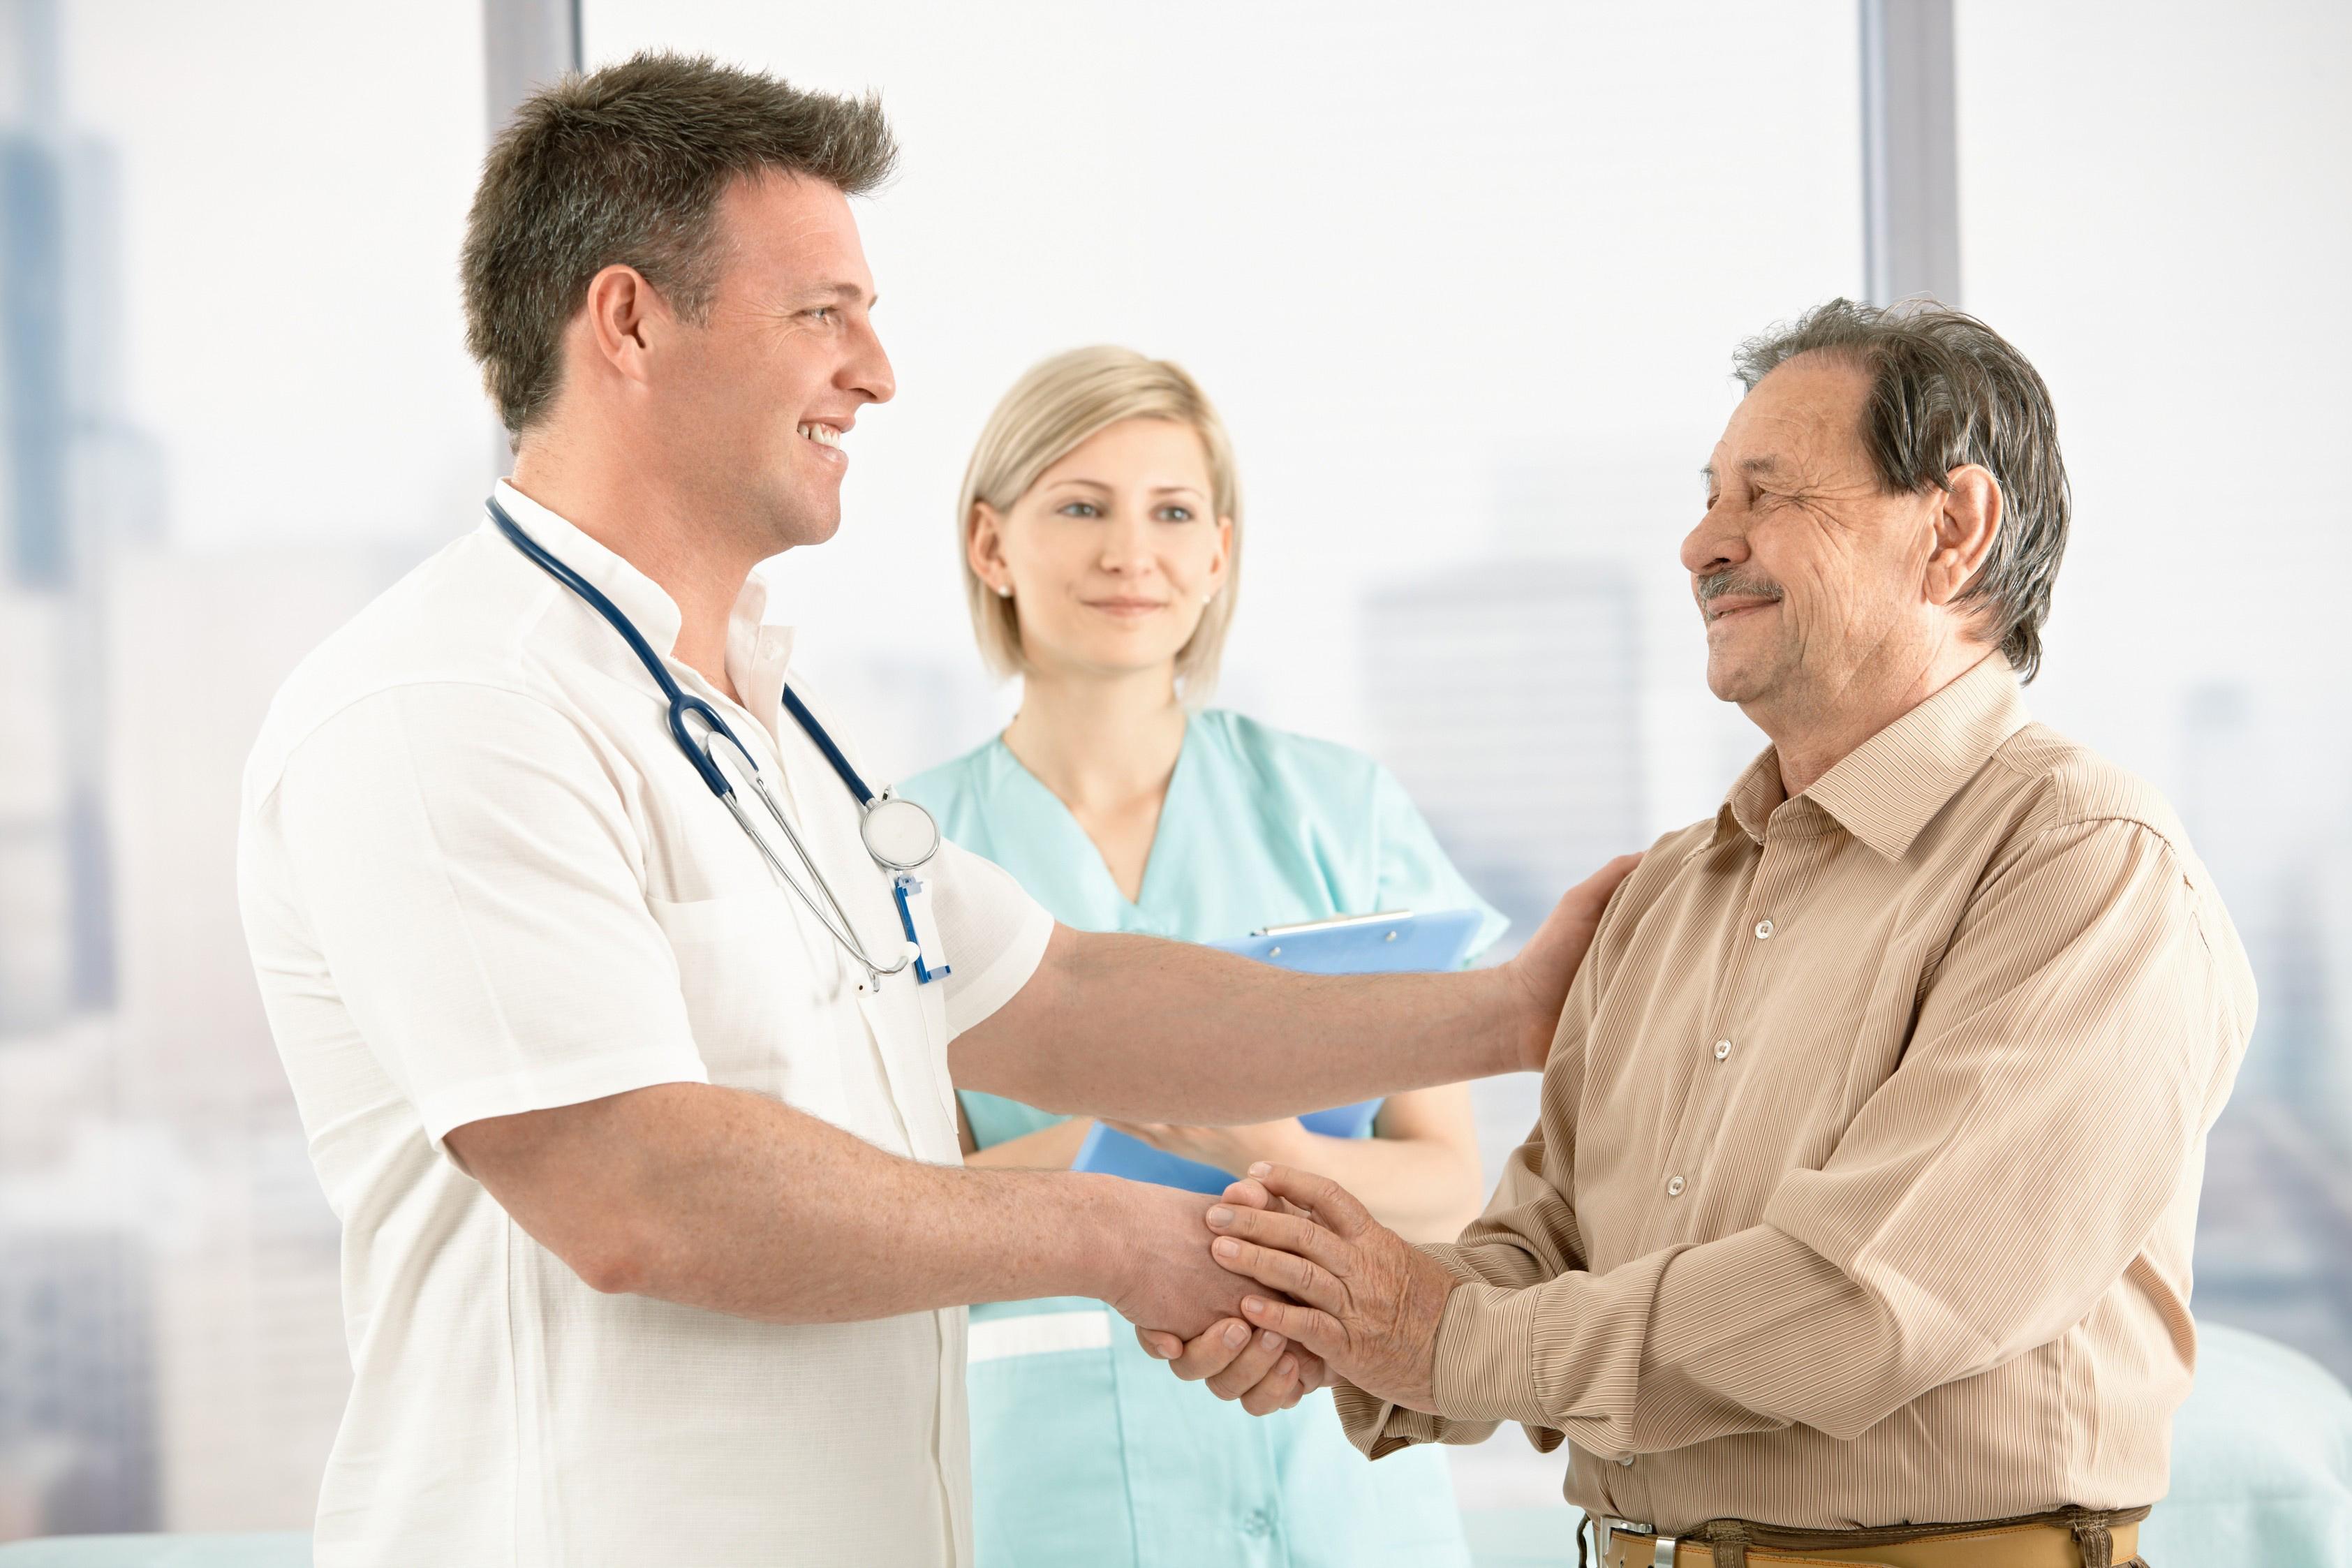 диагностика ли лечение